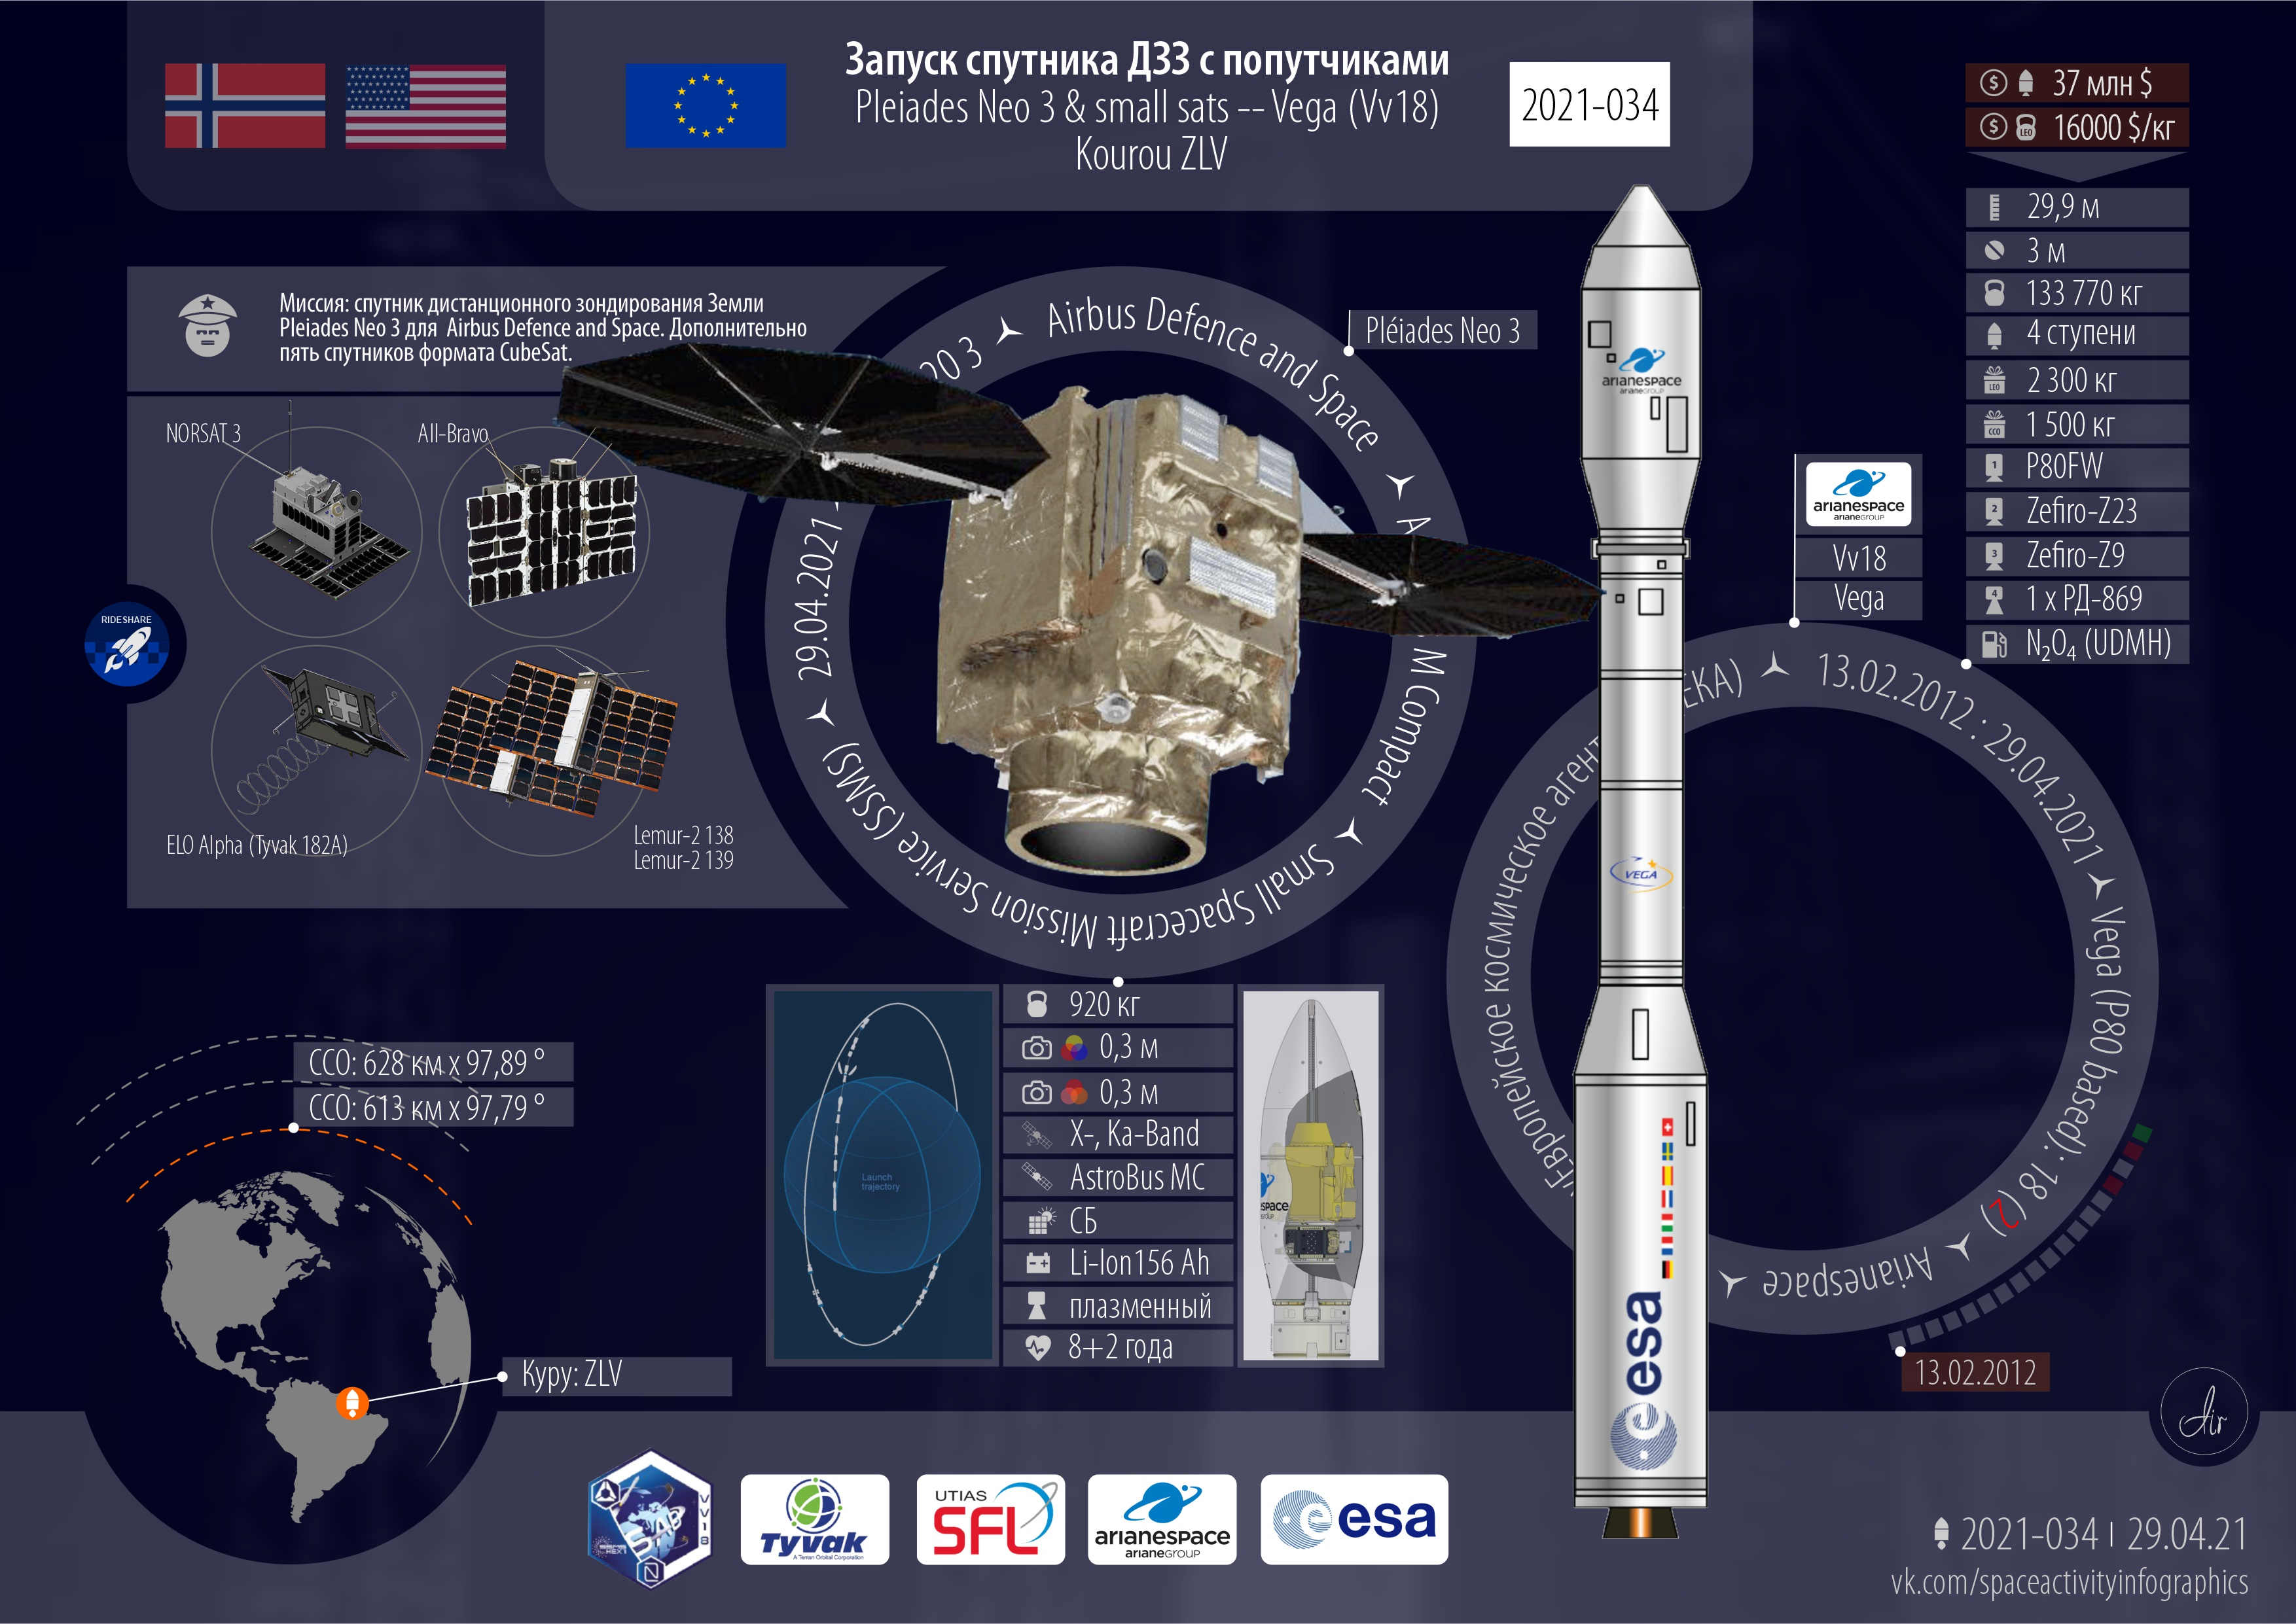 Инфографика текущей миссии Vega VV18